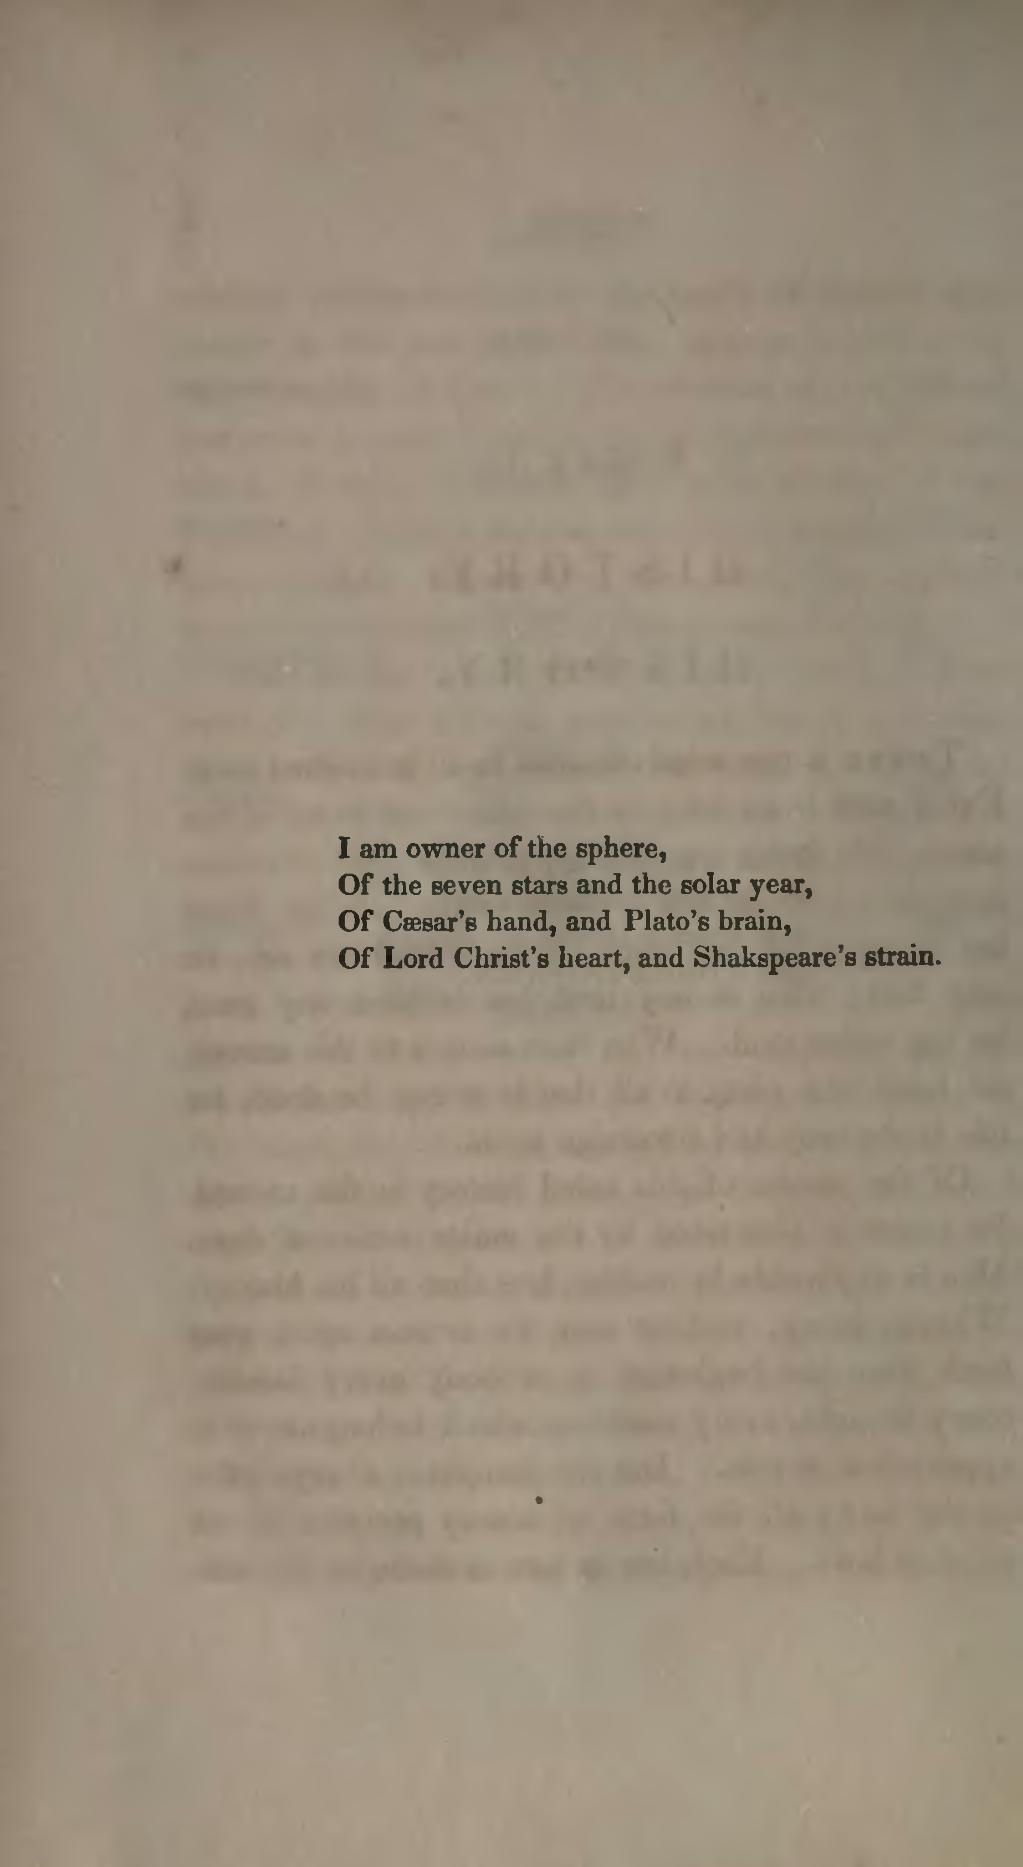 023 Essays First Series Page14 1024px Essays2c 28184729 Djvu Essay Stunning In Zen Buddhism Emerson's Value Full